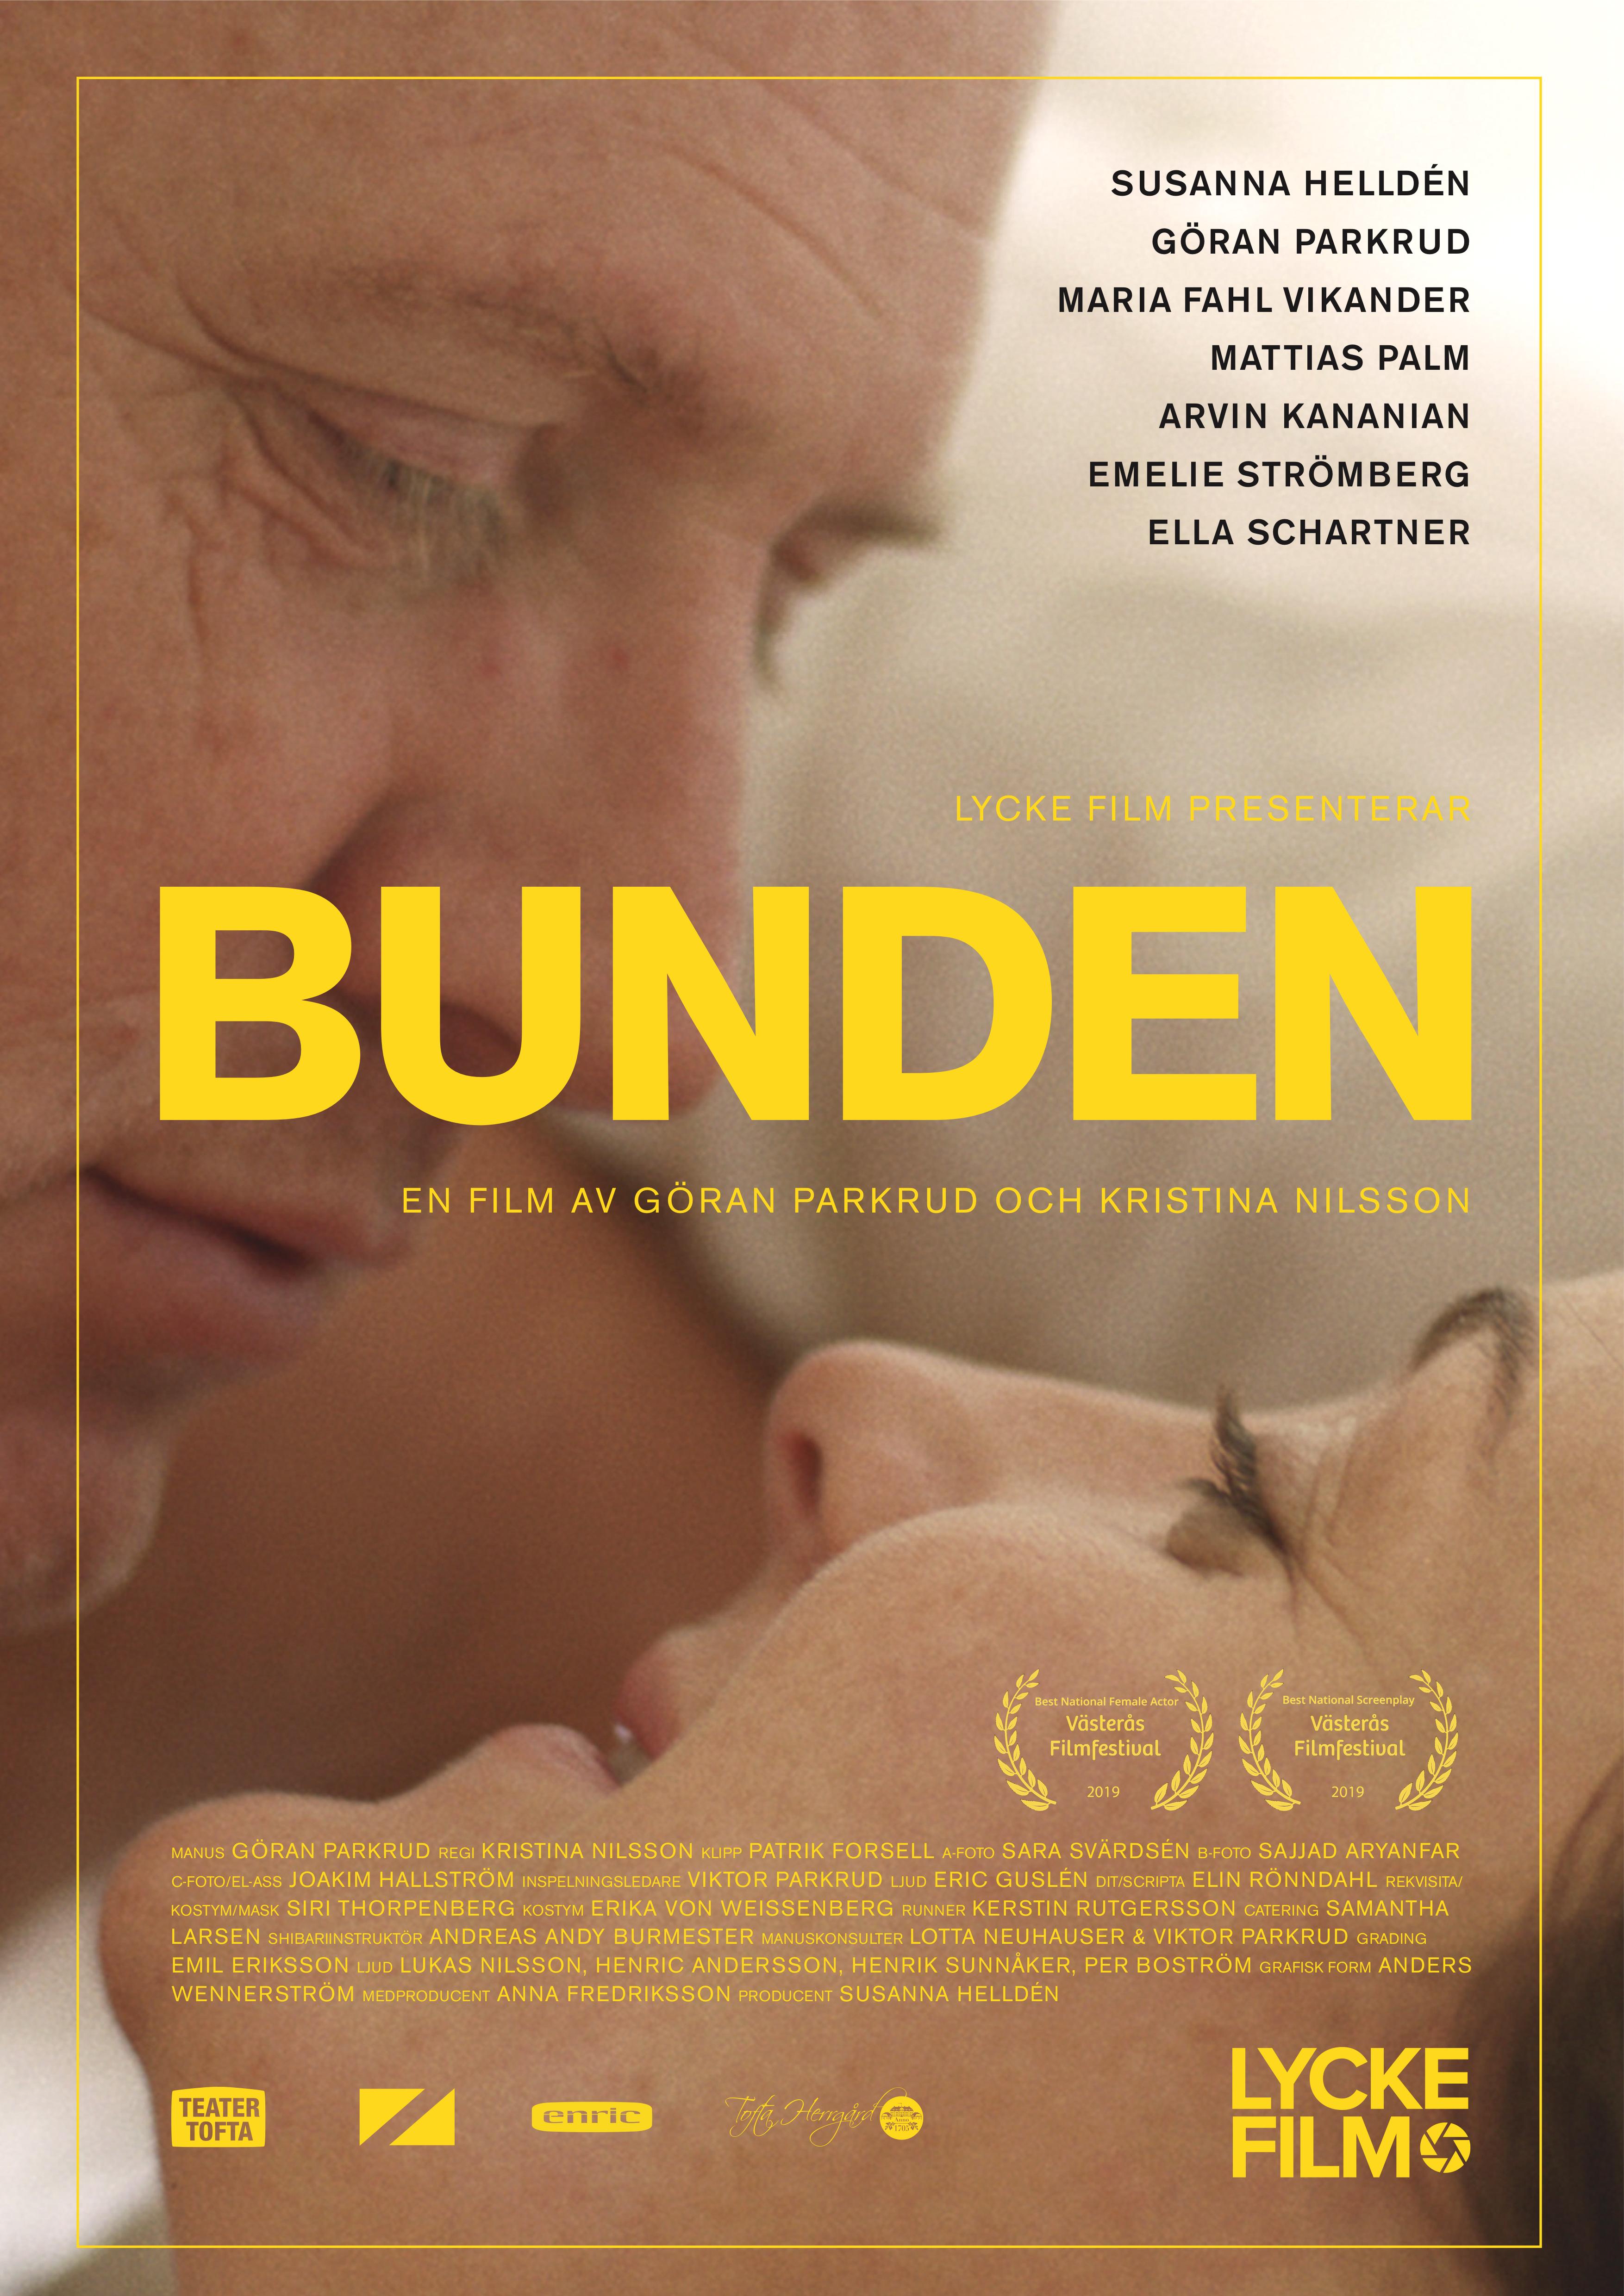 Lyckefilm_bunden_affisch_A3_final_laurels